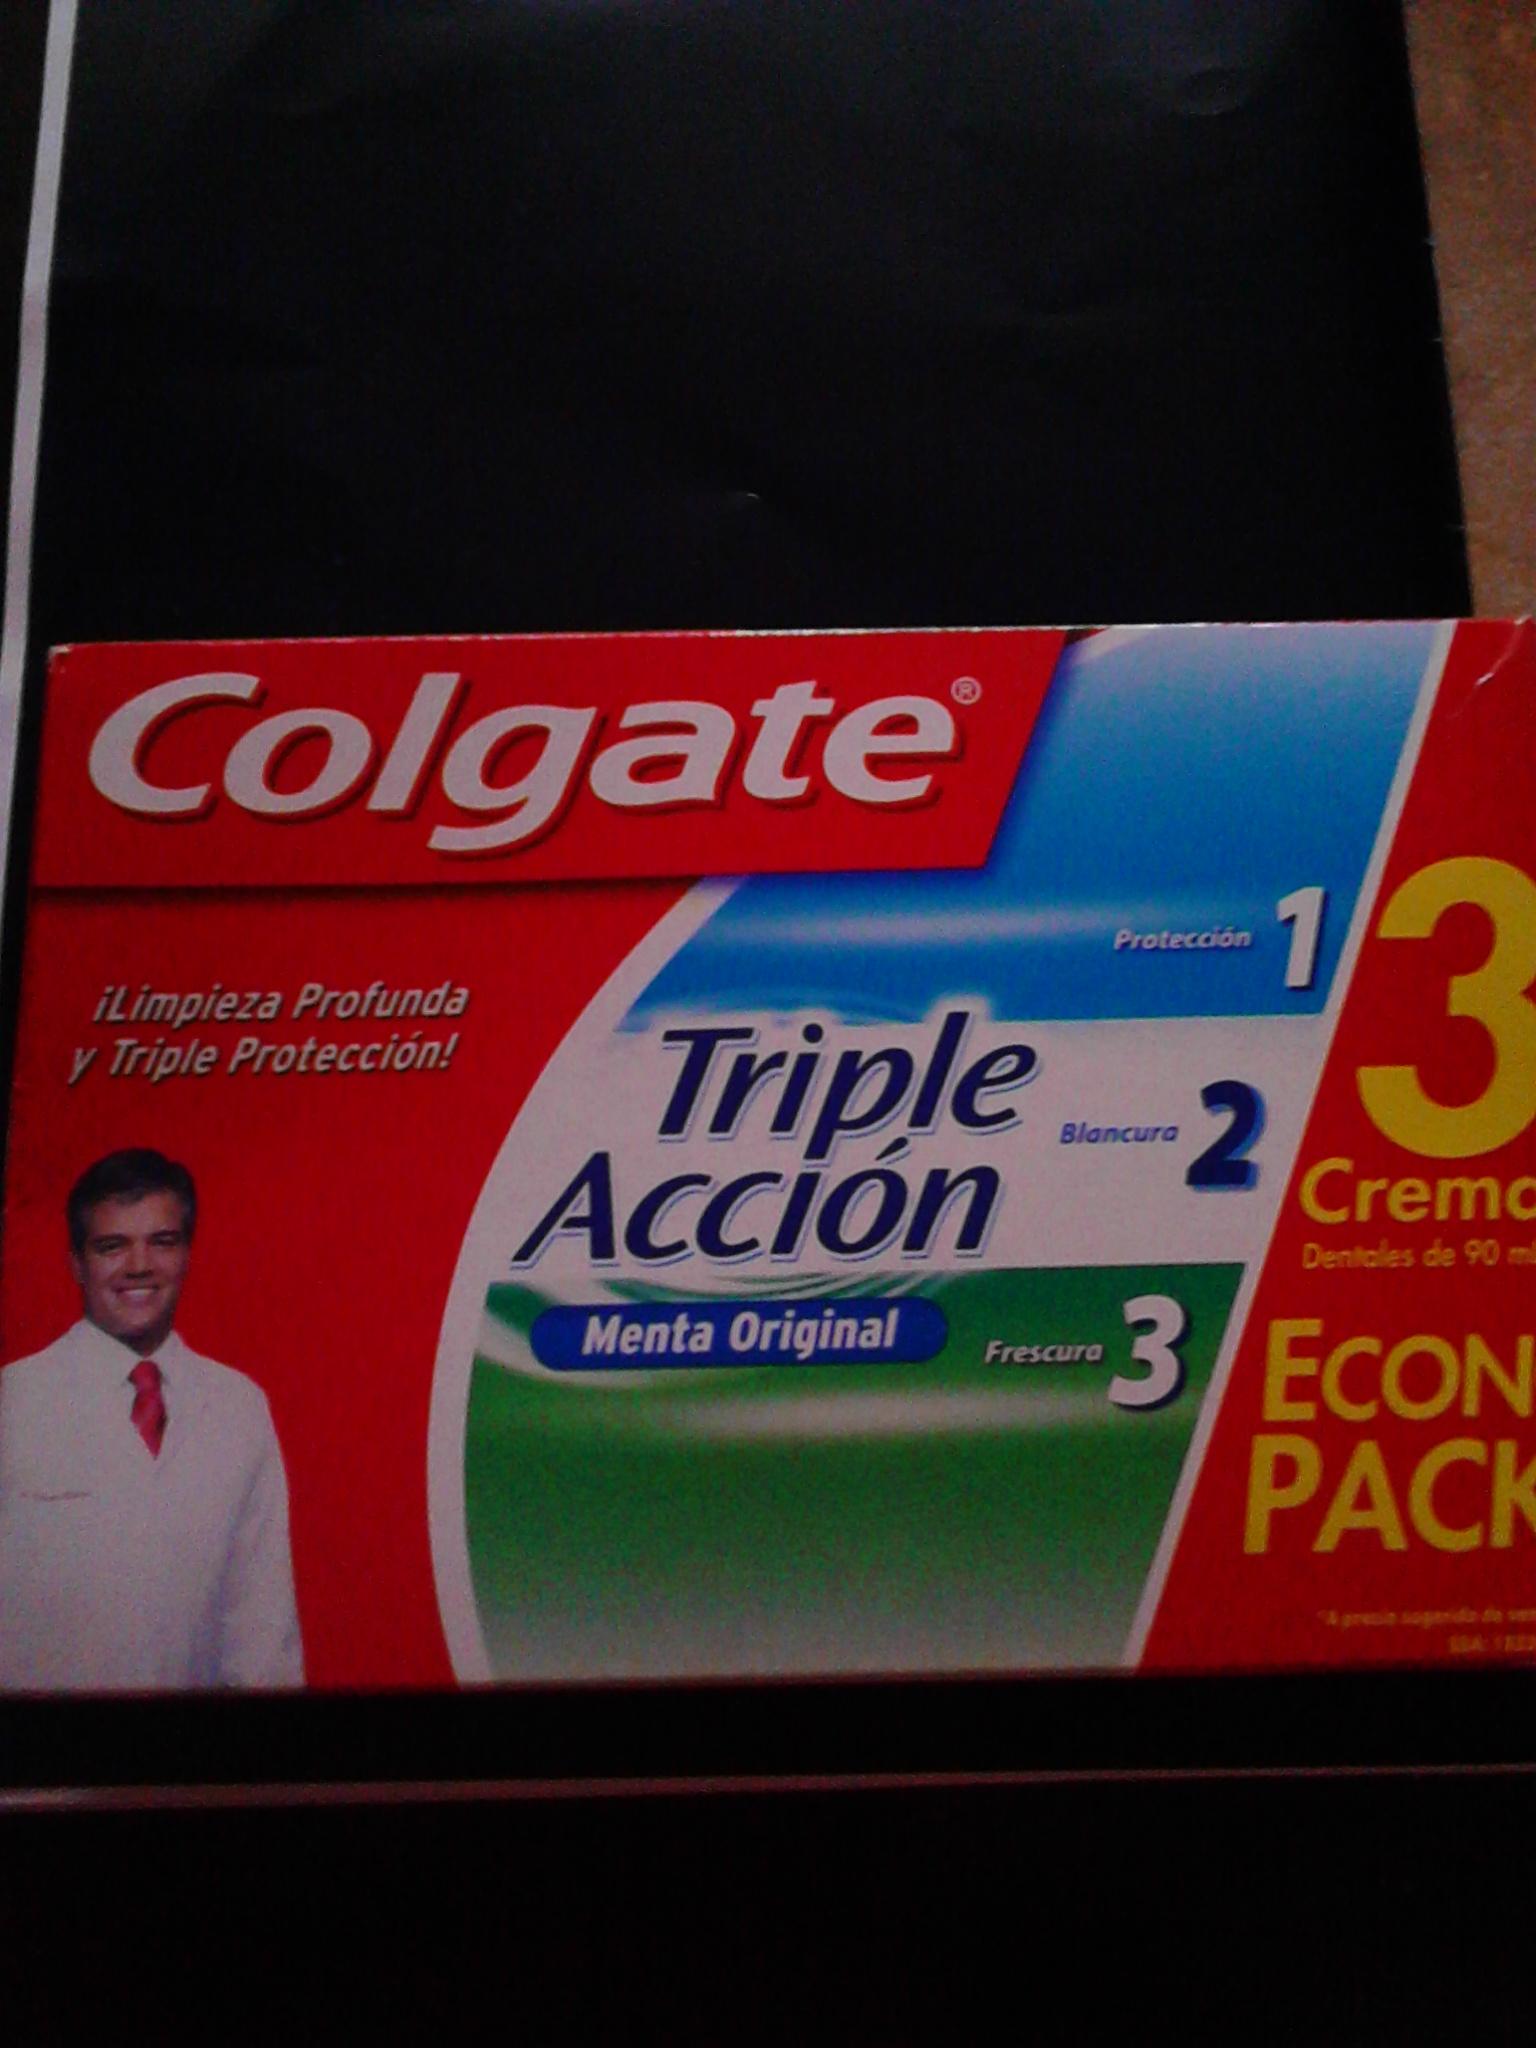 Walmart Unidad Horizonte: paquete con 3 pastas dentales Colgate de 90ml c/u a $12